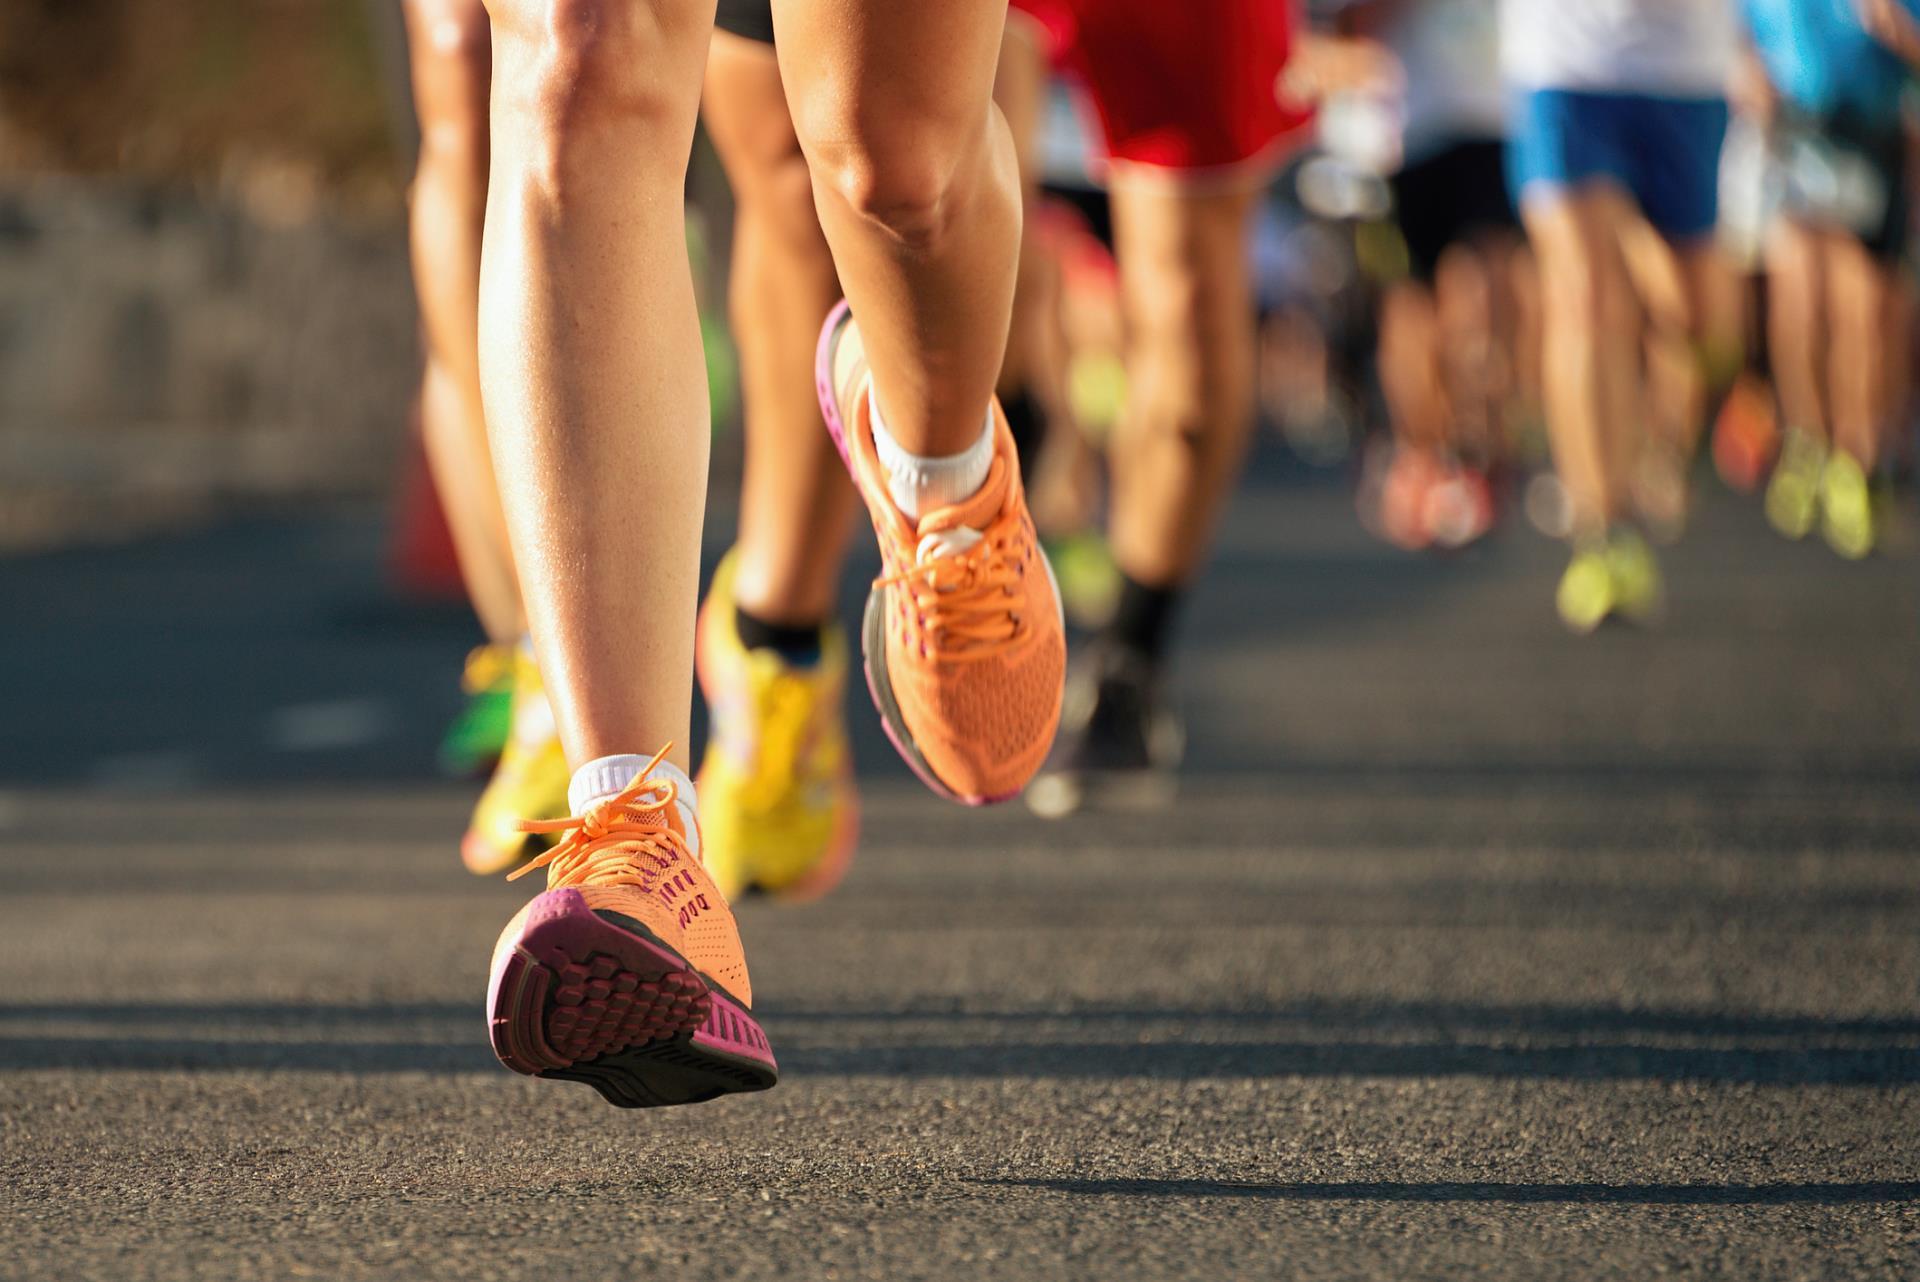 saúde, estudo, quatro, maratona, artérias, vascular, University, segundo, Barts, Pesquisadores, idade, cortando, melhora, completá-la, corredor, cerca, Treinar